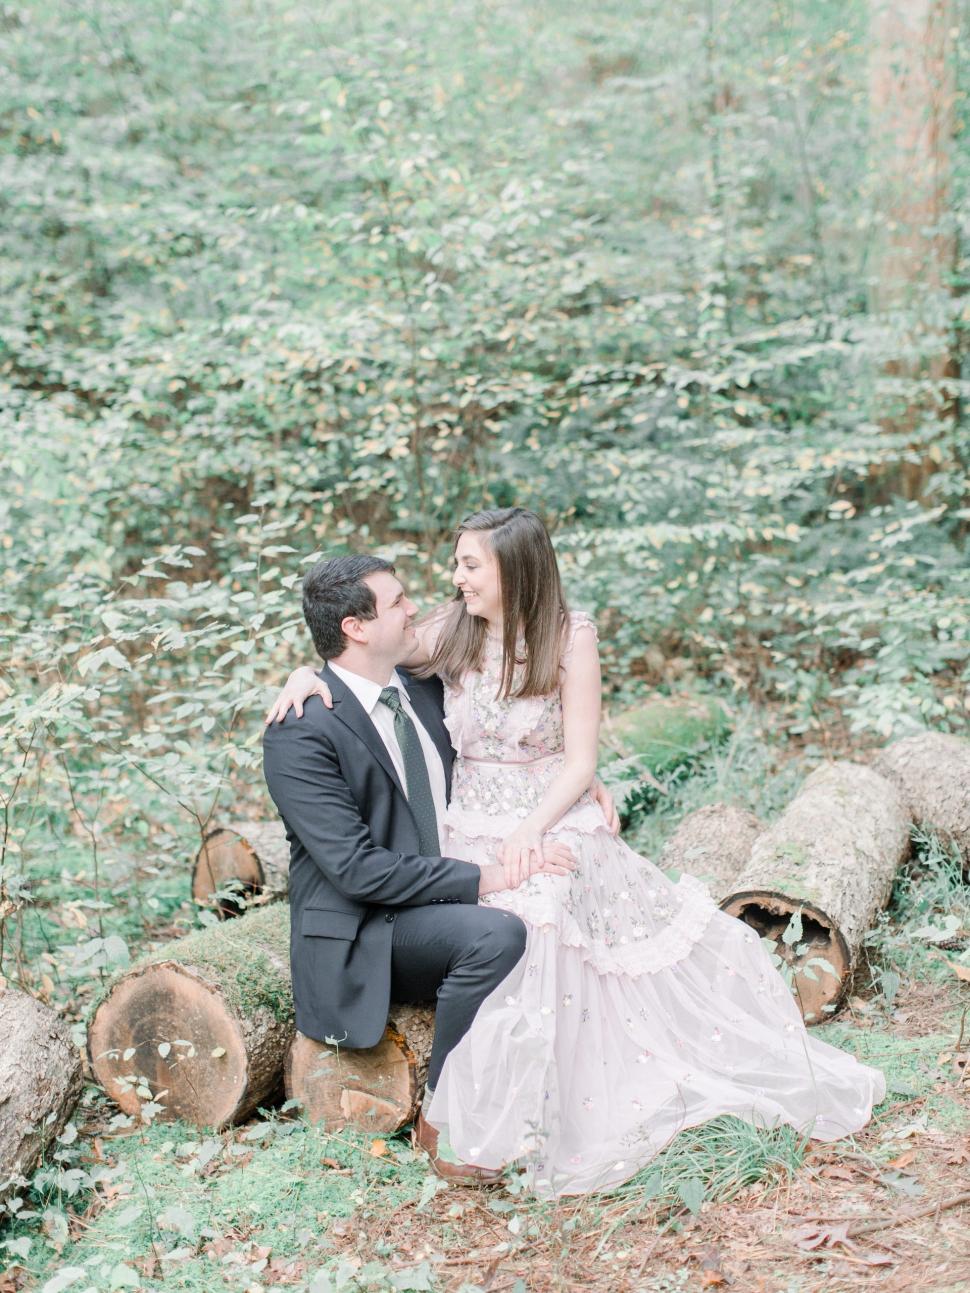 Poconos-Wedding-Photographer-Cassi-Claire-Poconos-Engagement-Photos_03.jpg